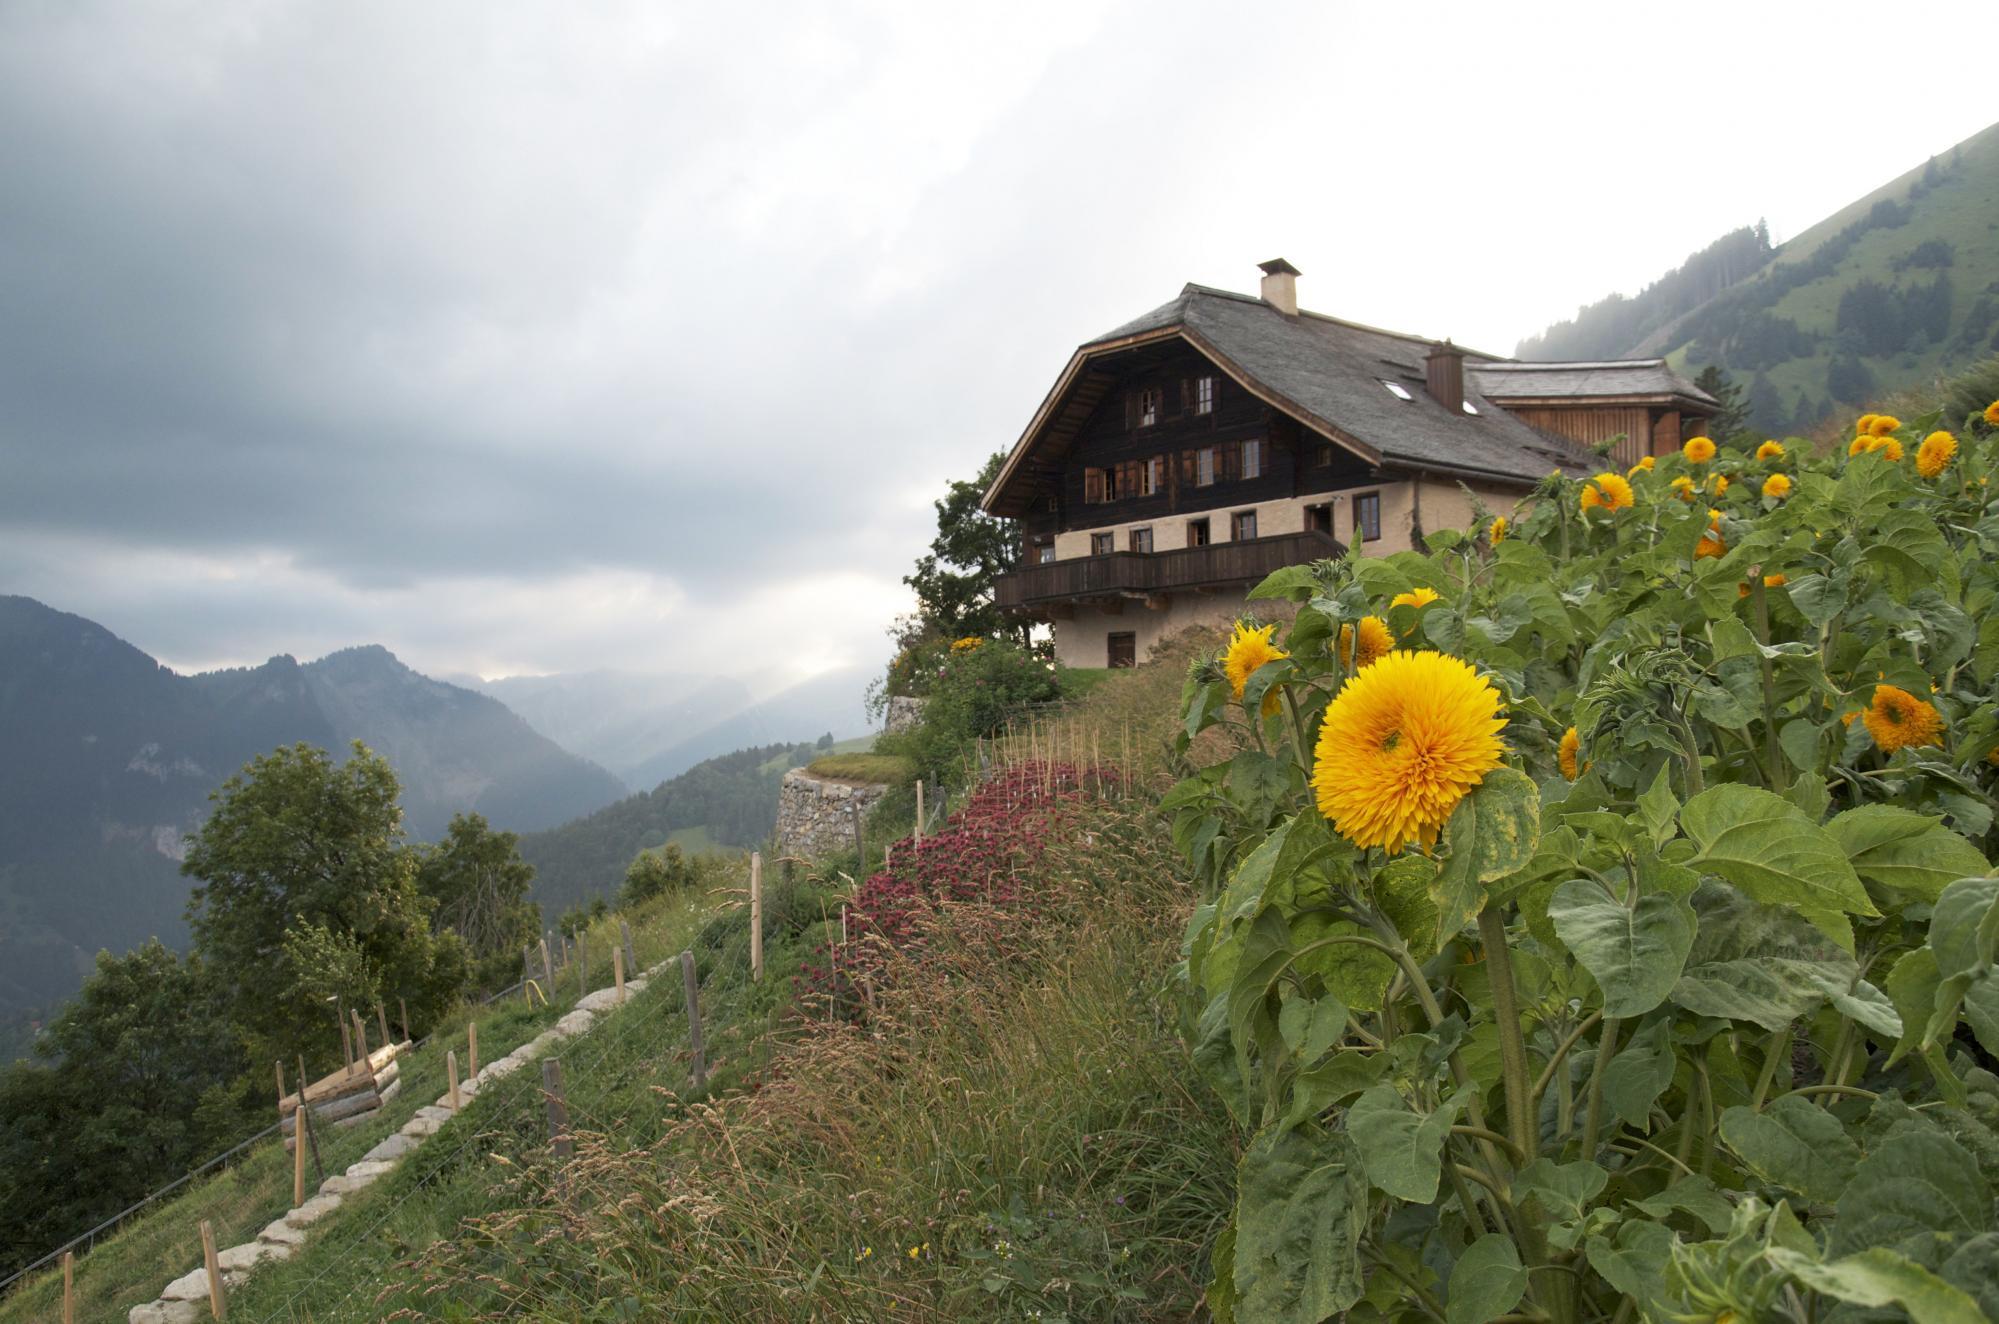 Le jardin des monts s rl pays d 39 enhaut suisse - Les jardins des monts d or ...